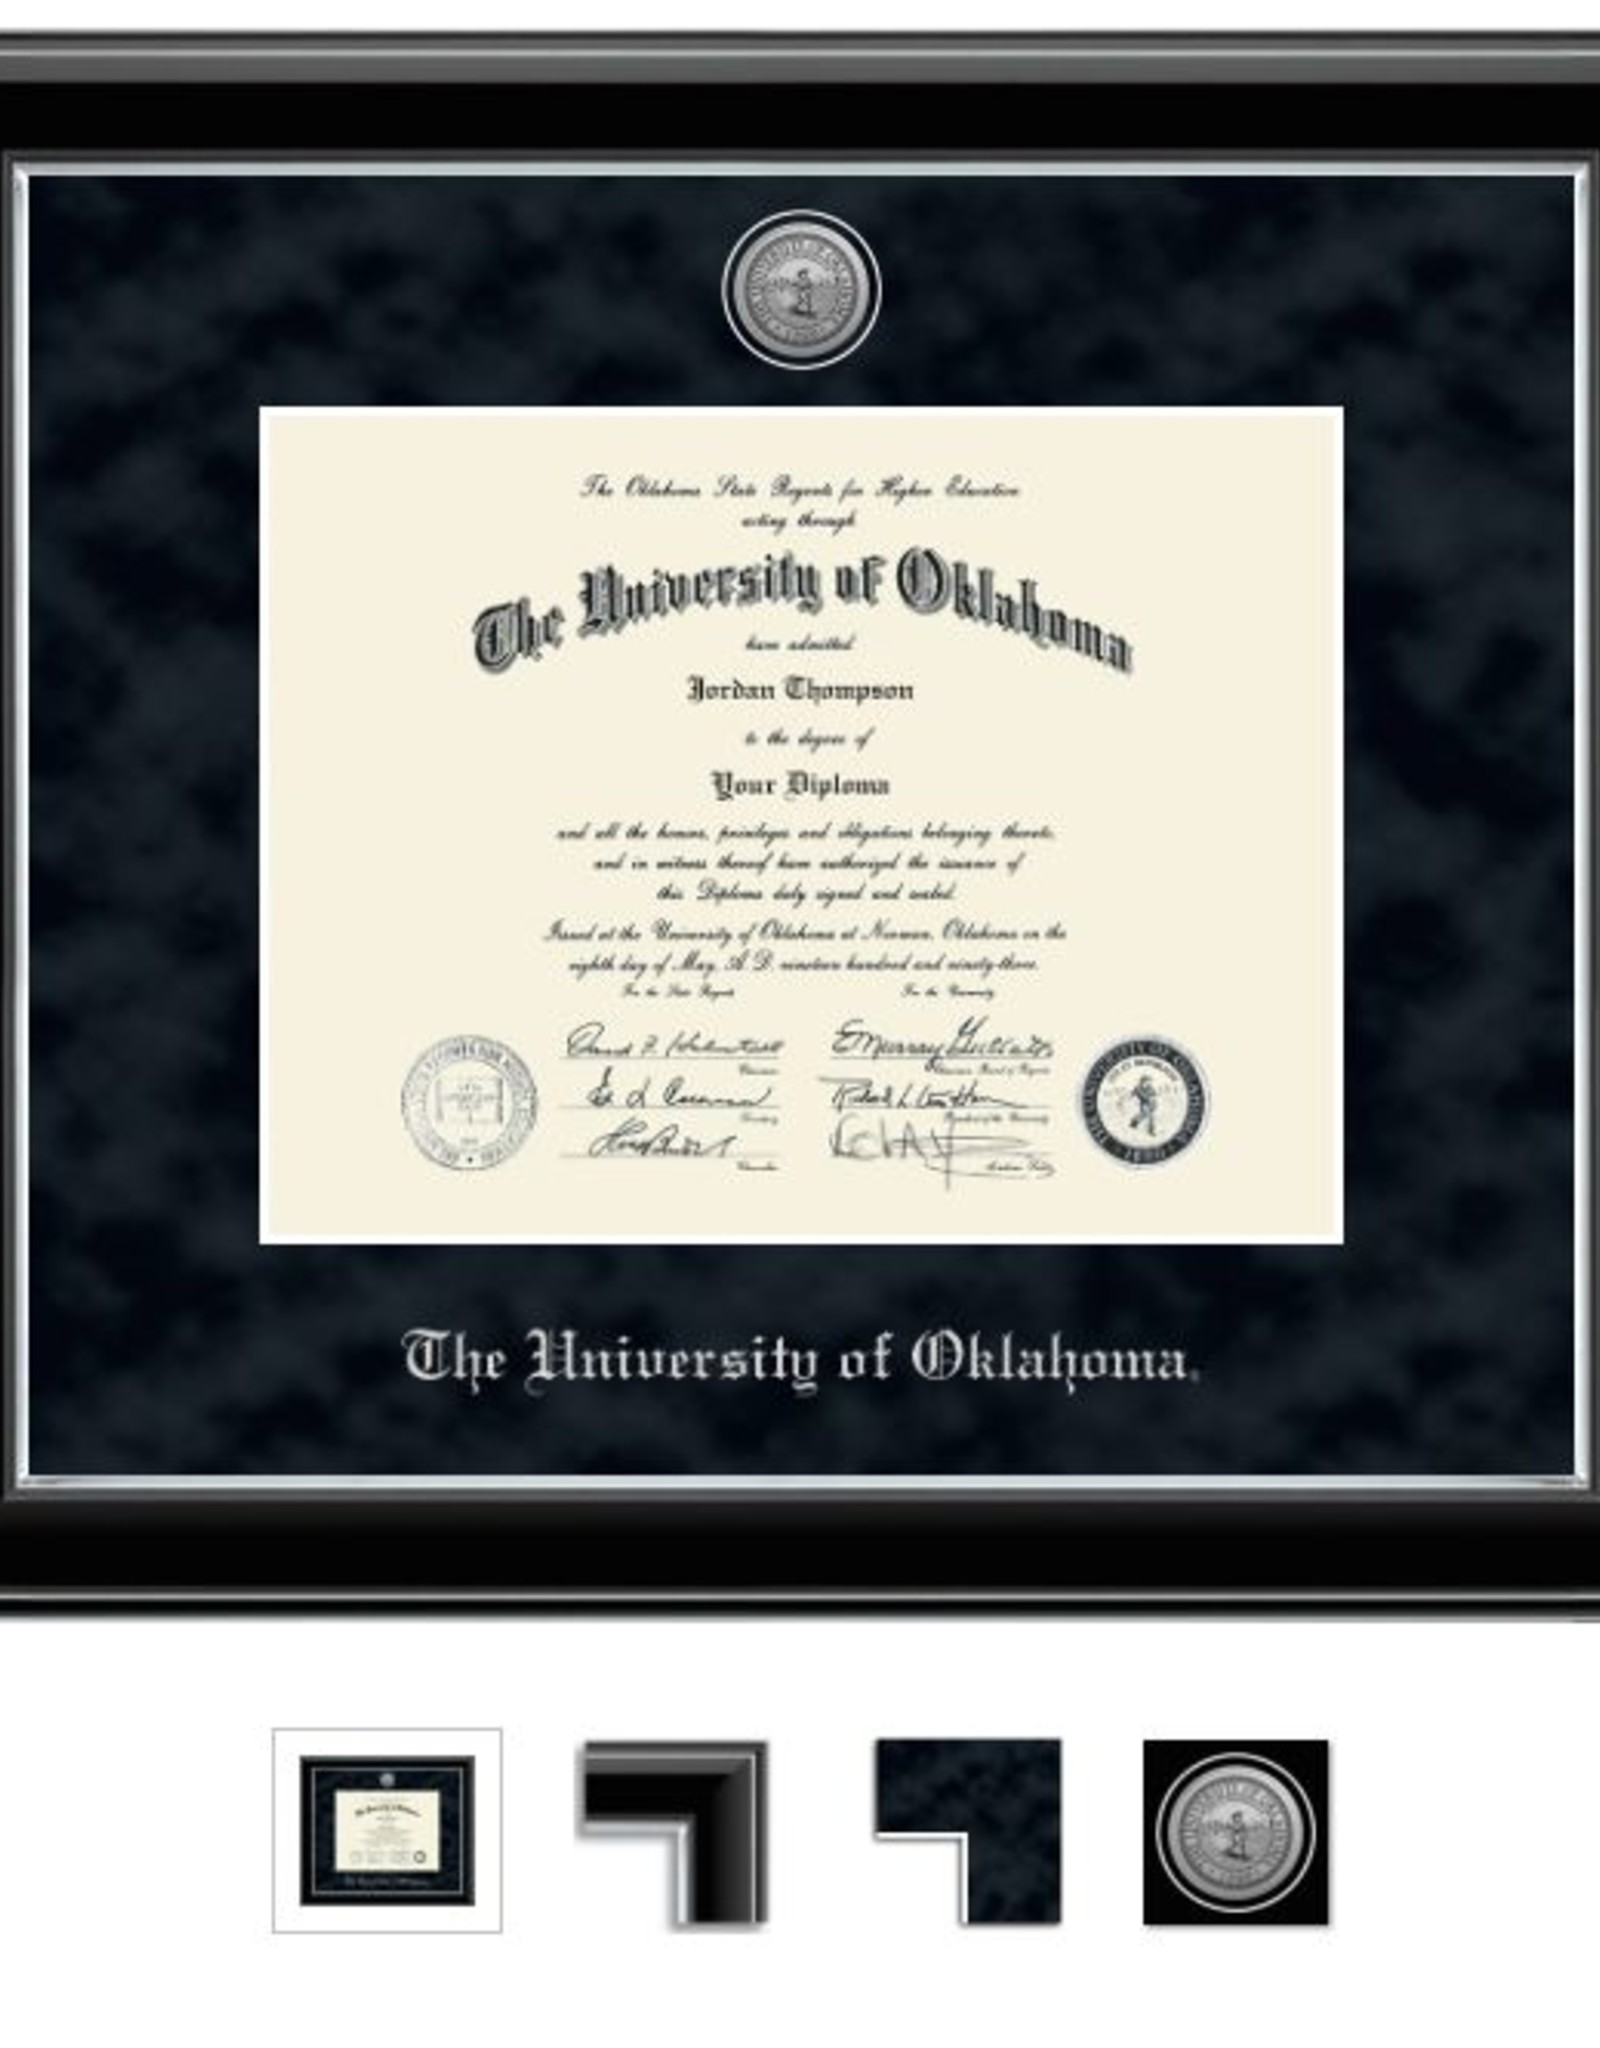 Church Hill Church Hill Engraved Onyx Silver Diploma Frame Ph.D